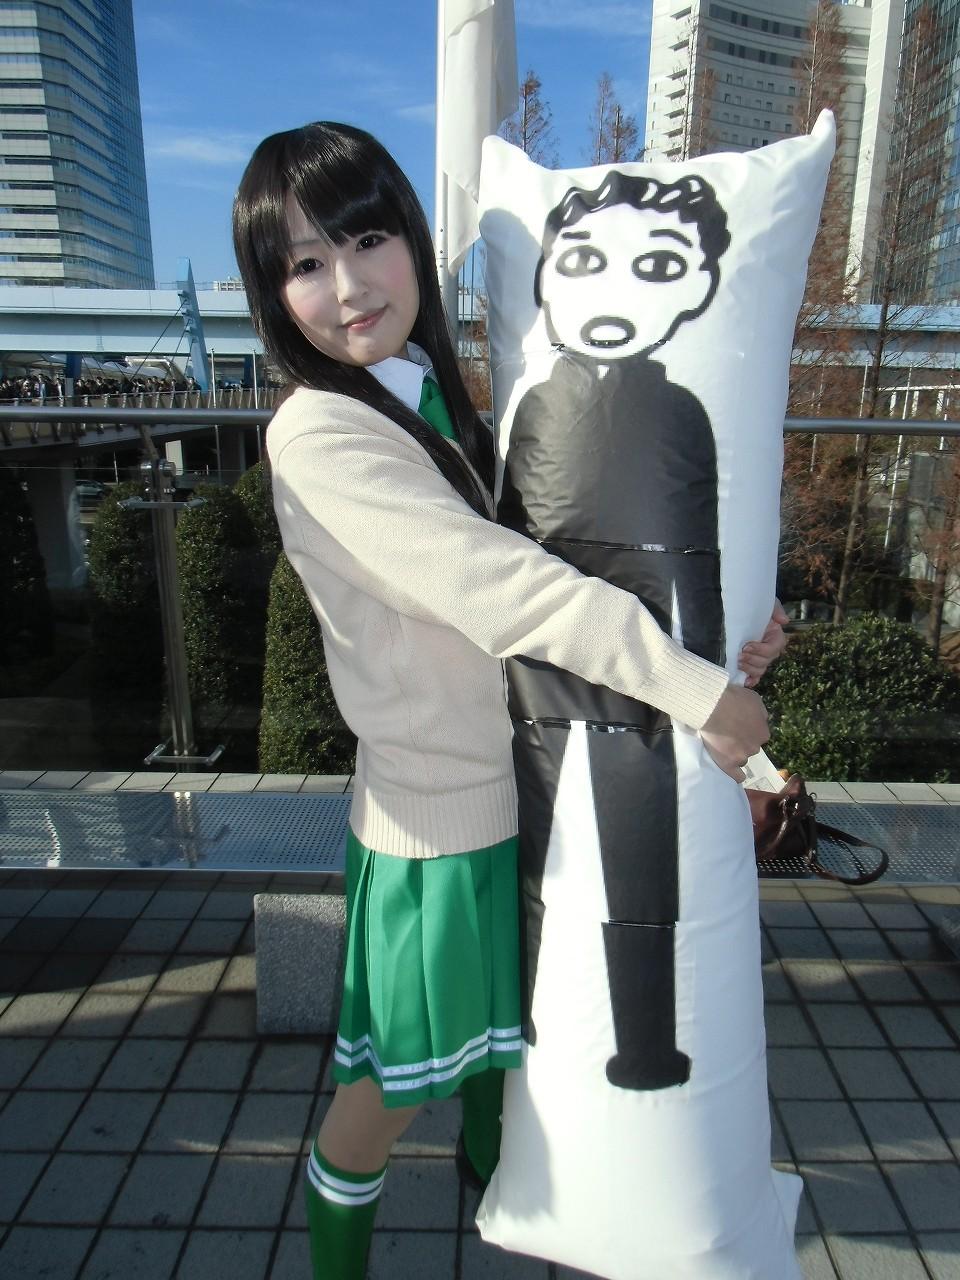 恋愛ラボ 真木 夏緒(まき なつお)マキ ダッキー C85 コミックマーケット コスプレ 02